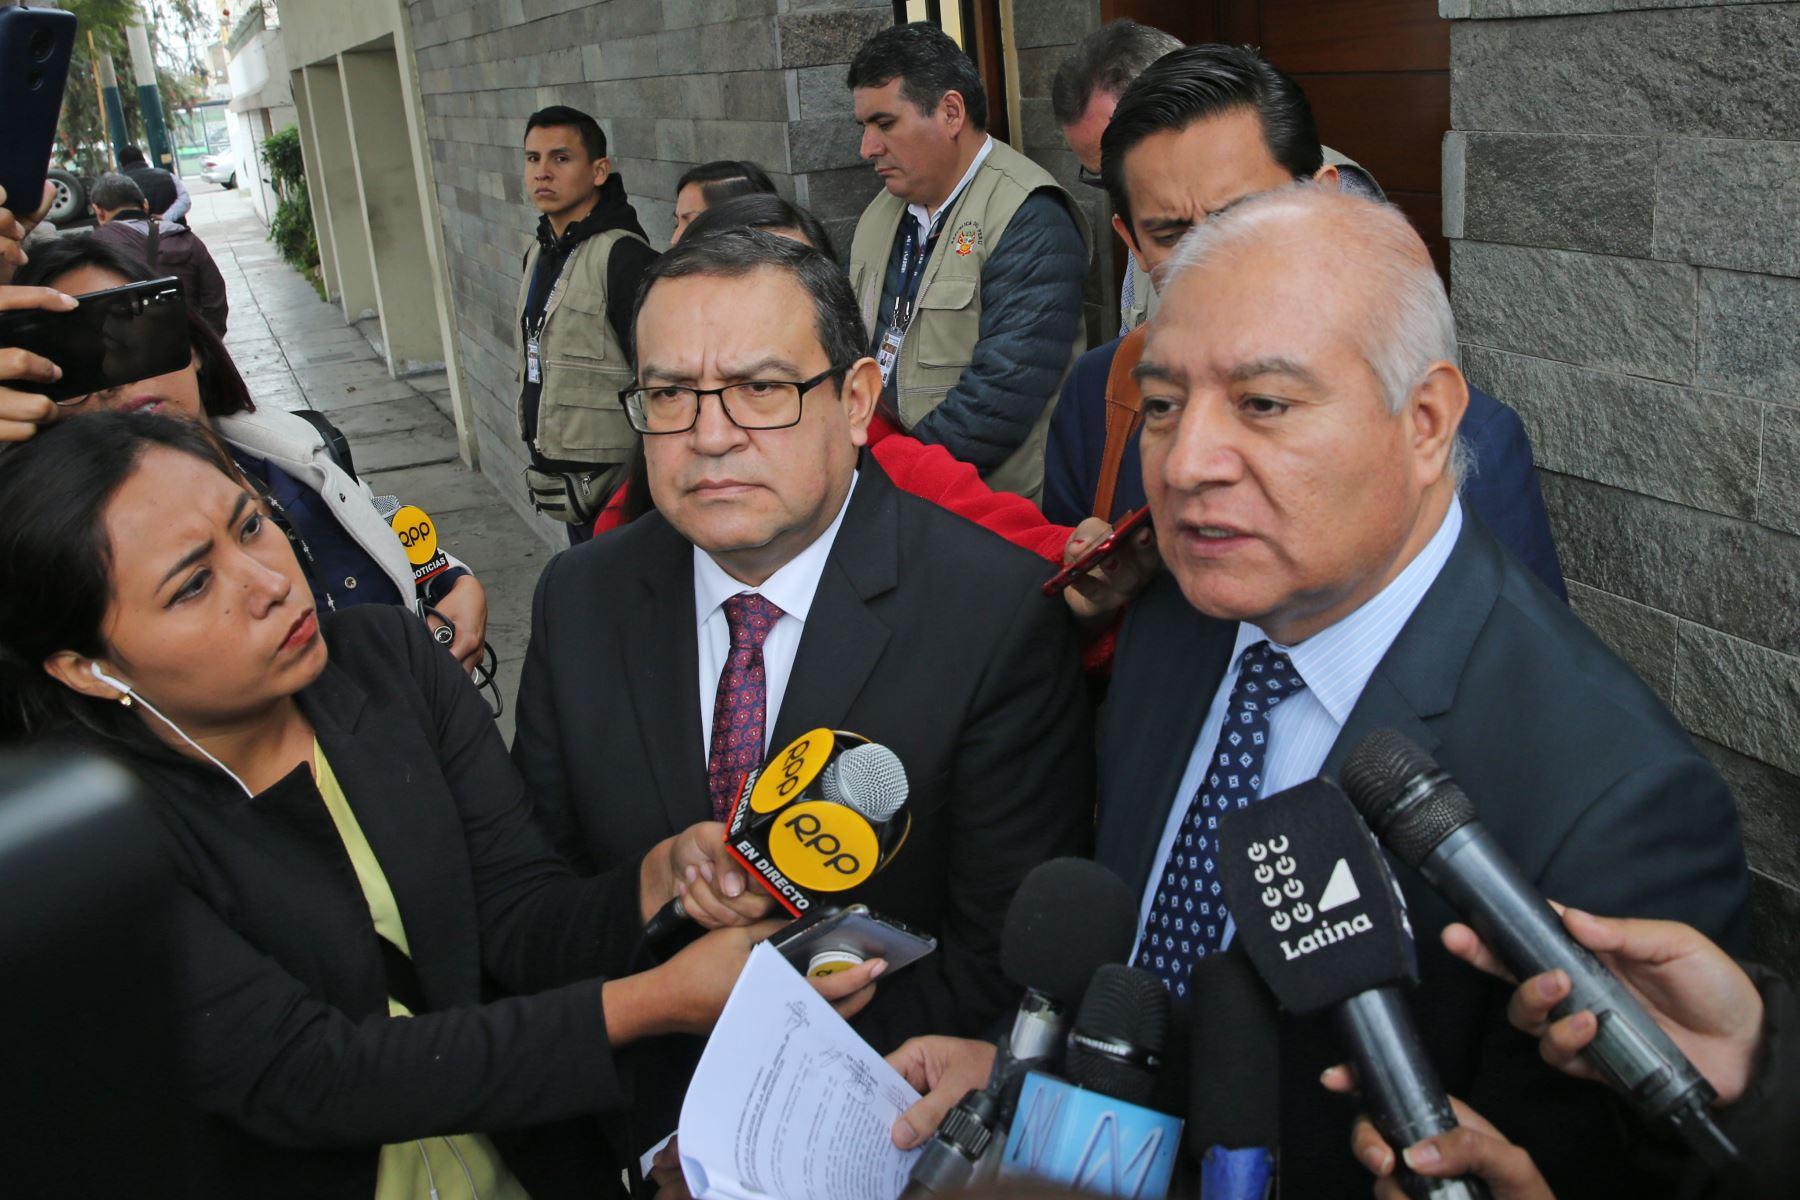 Wilfredo Pedraza y Alberto Otárola, Abogados de la familia Humala, declaran a la prensa en los exteriores de la vivienda de la exprimera dama Nadine Heredia. Foto: Andina/ Norman Córdova